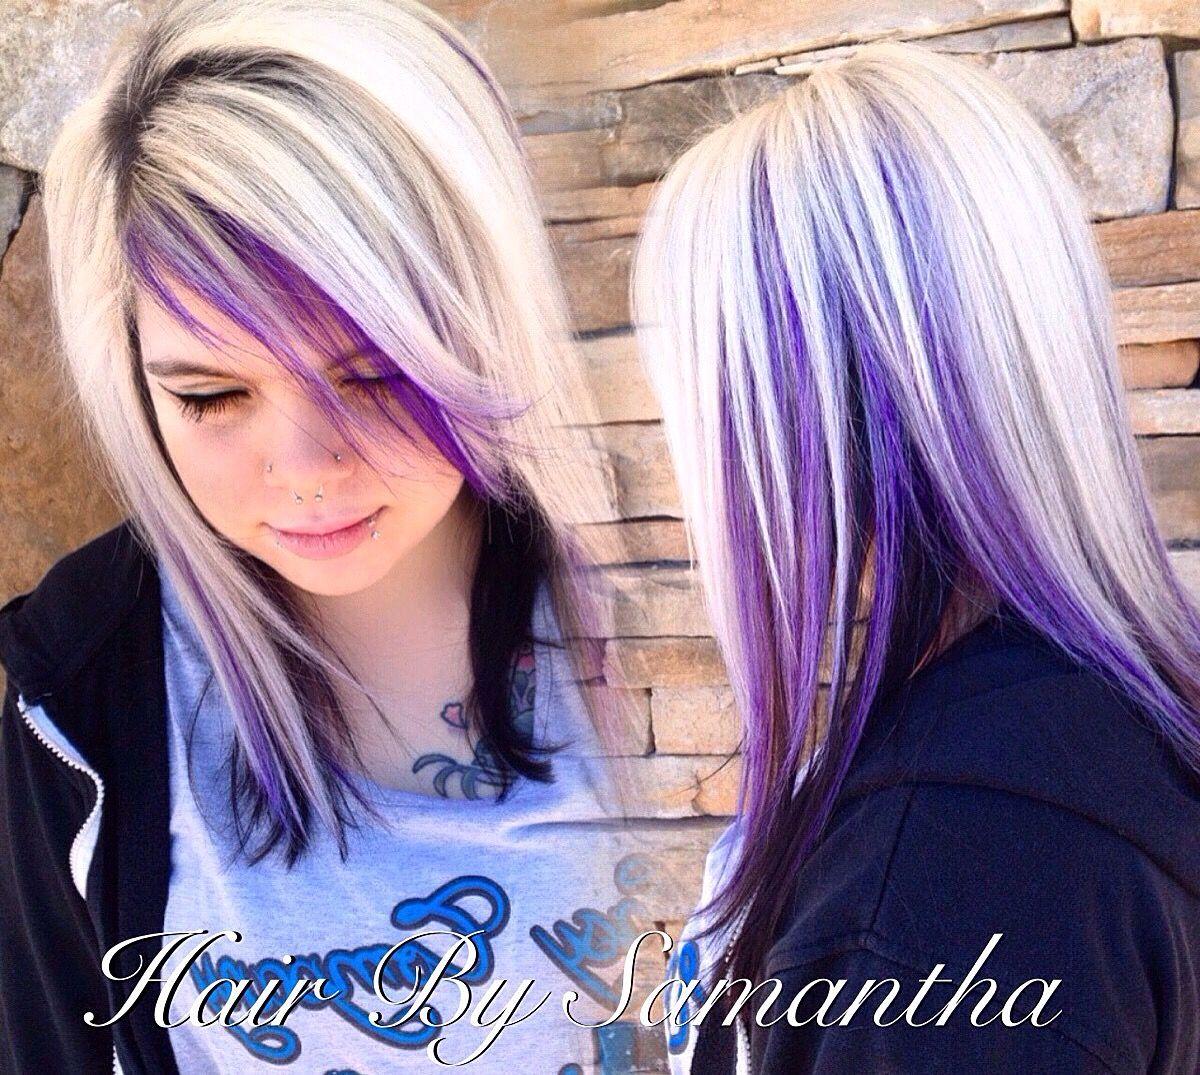 Icy blonde with black underneath and purple peekaboos hair